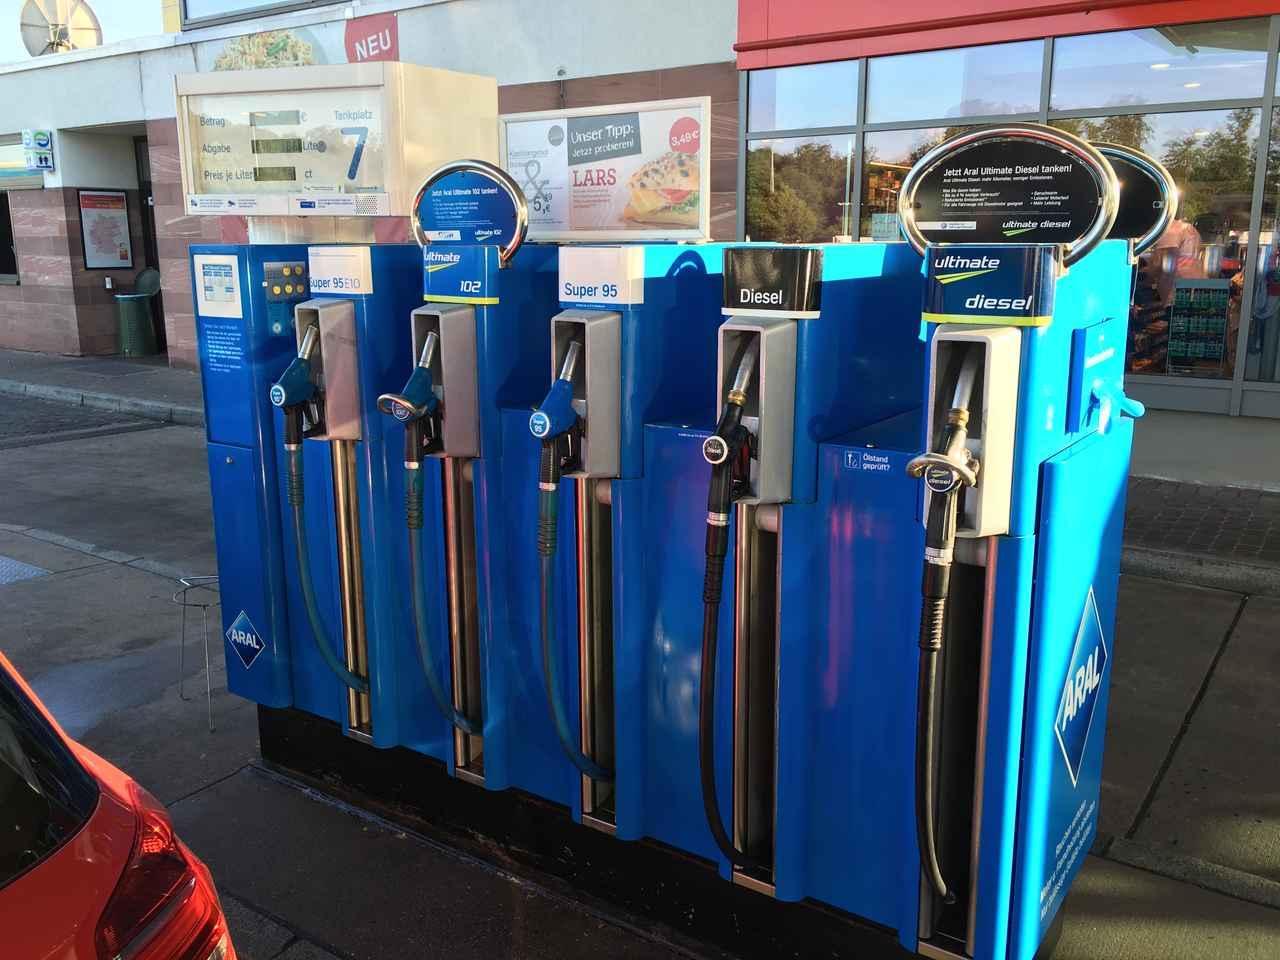 【くるま問答】ハイオク仕様にレギュラーガソリンを入れたらどうなっちゃうの?